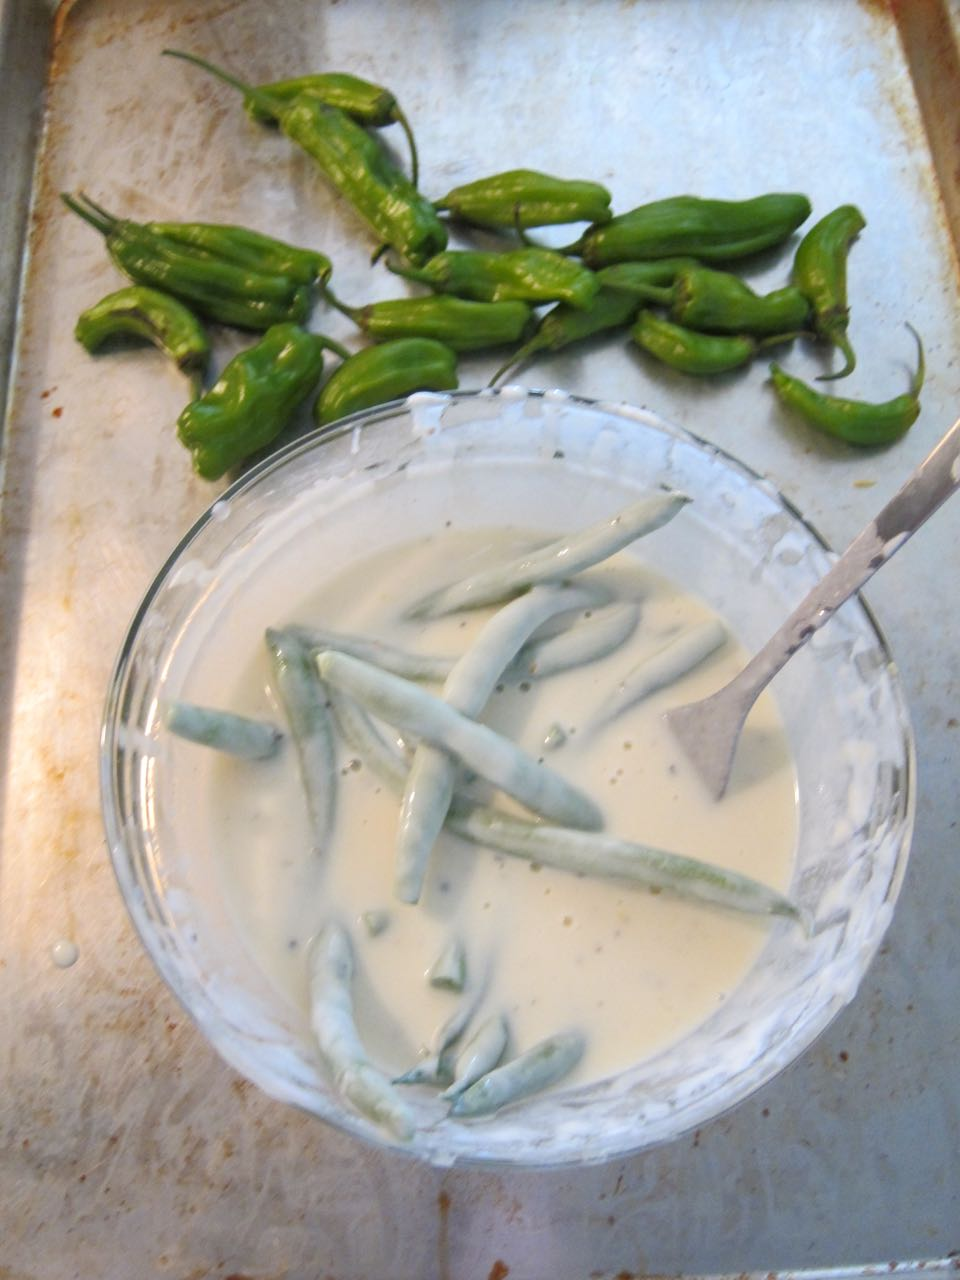 Tempura Battered Green Beans.jpg